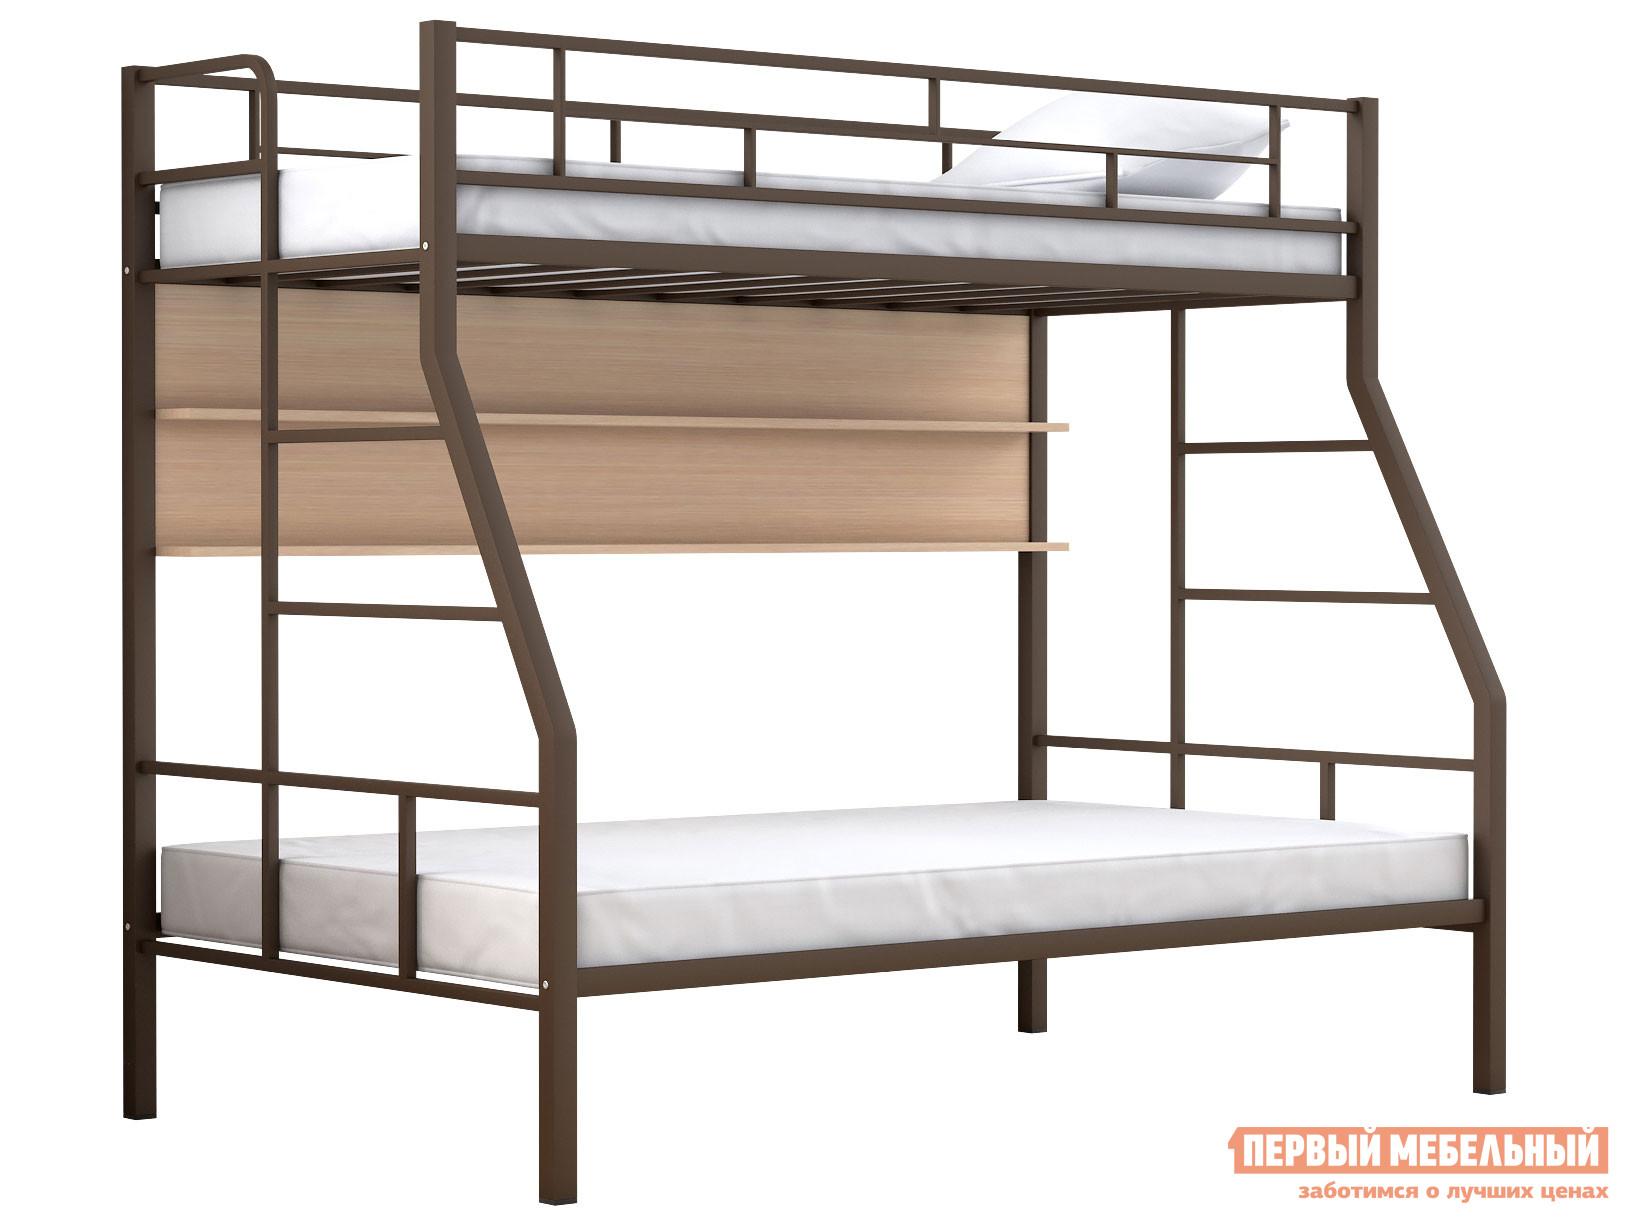 Двухъярусная кровать МФ 4 Сезона Двухъярусная детская кровать Раута Твист полка